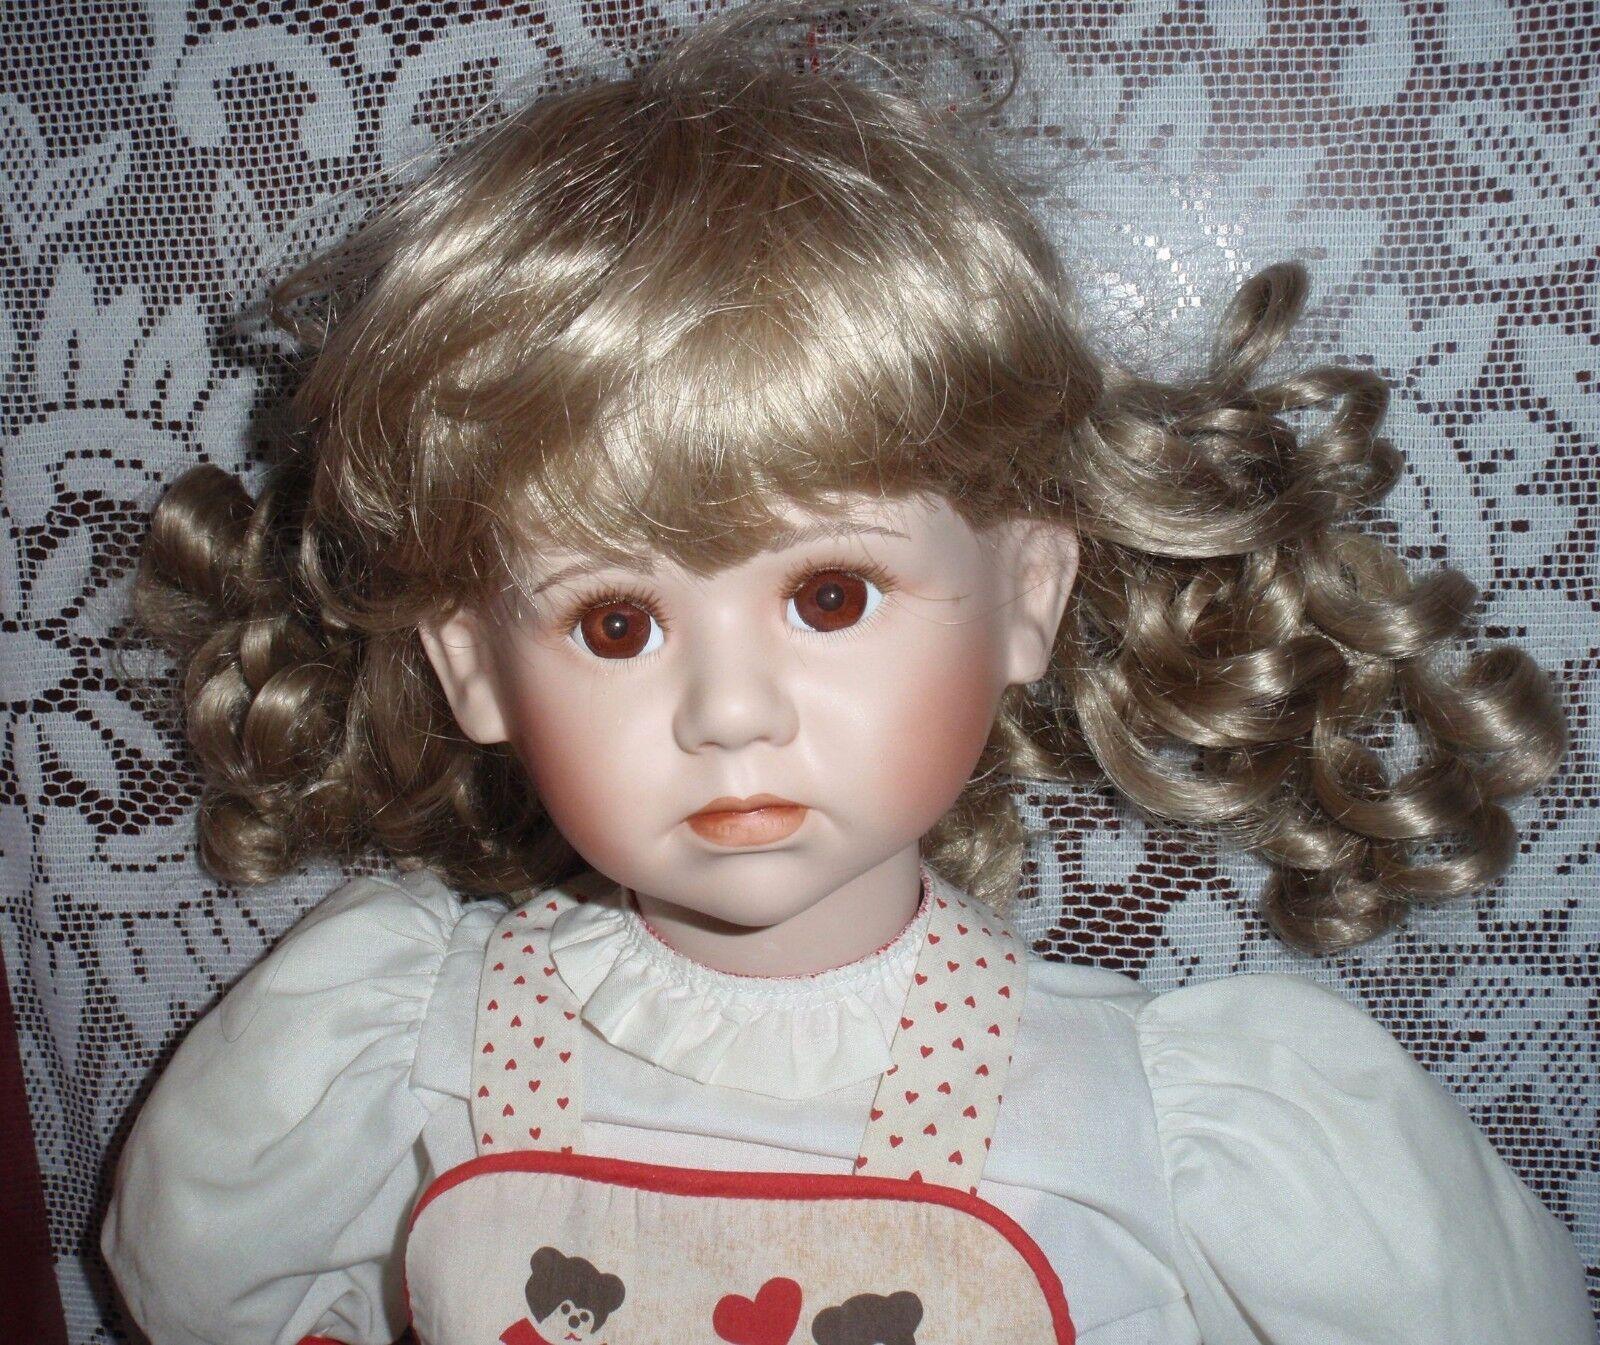 30  Muñeca de porcelana con lágrima por Elke Hutchens gadco Great American Doll Company